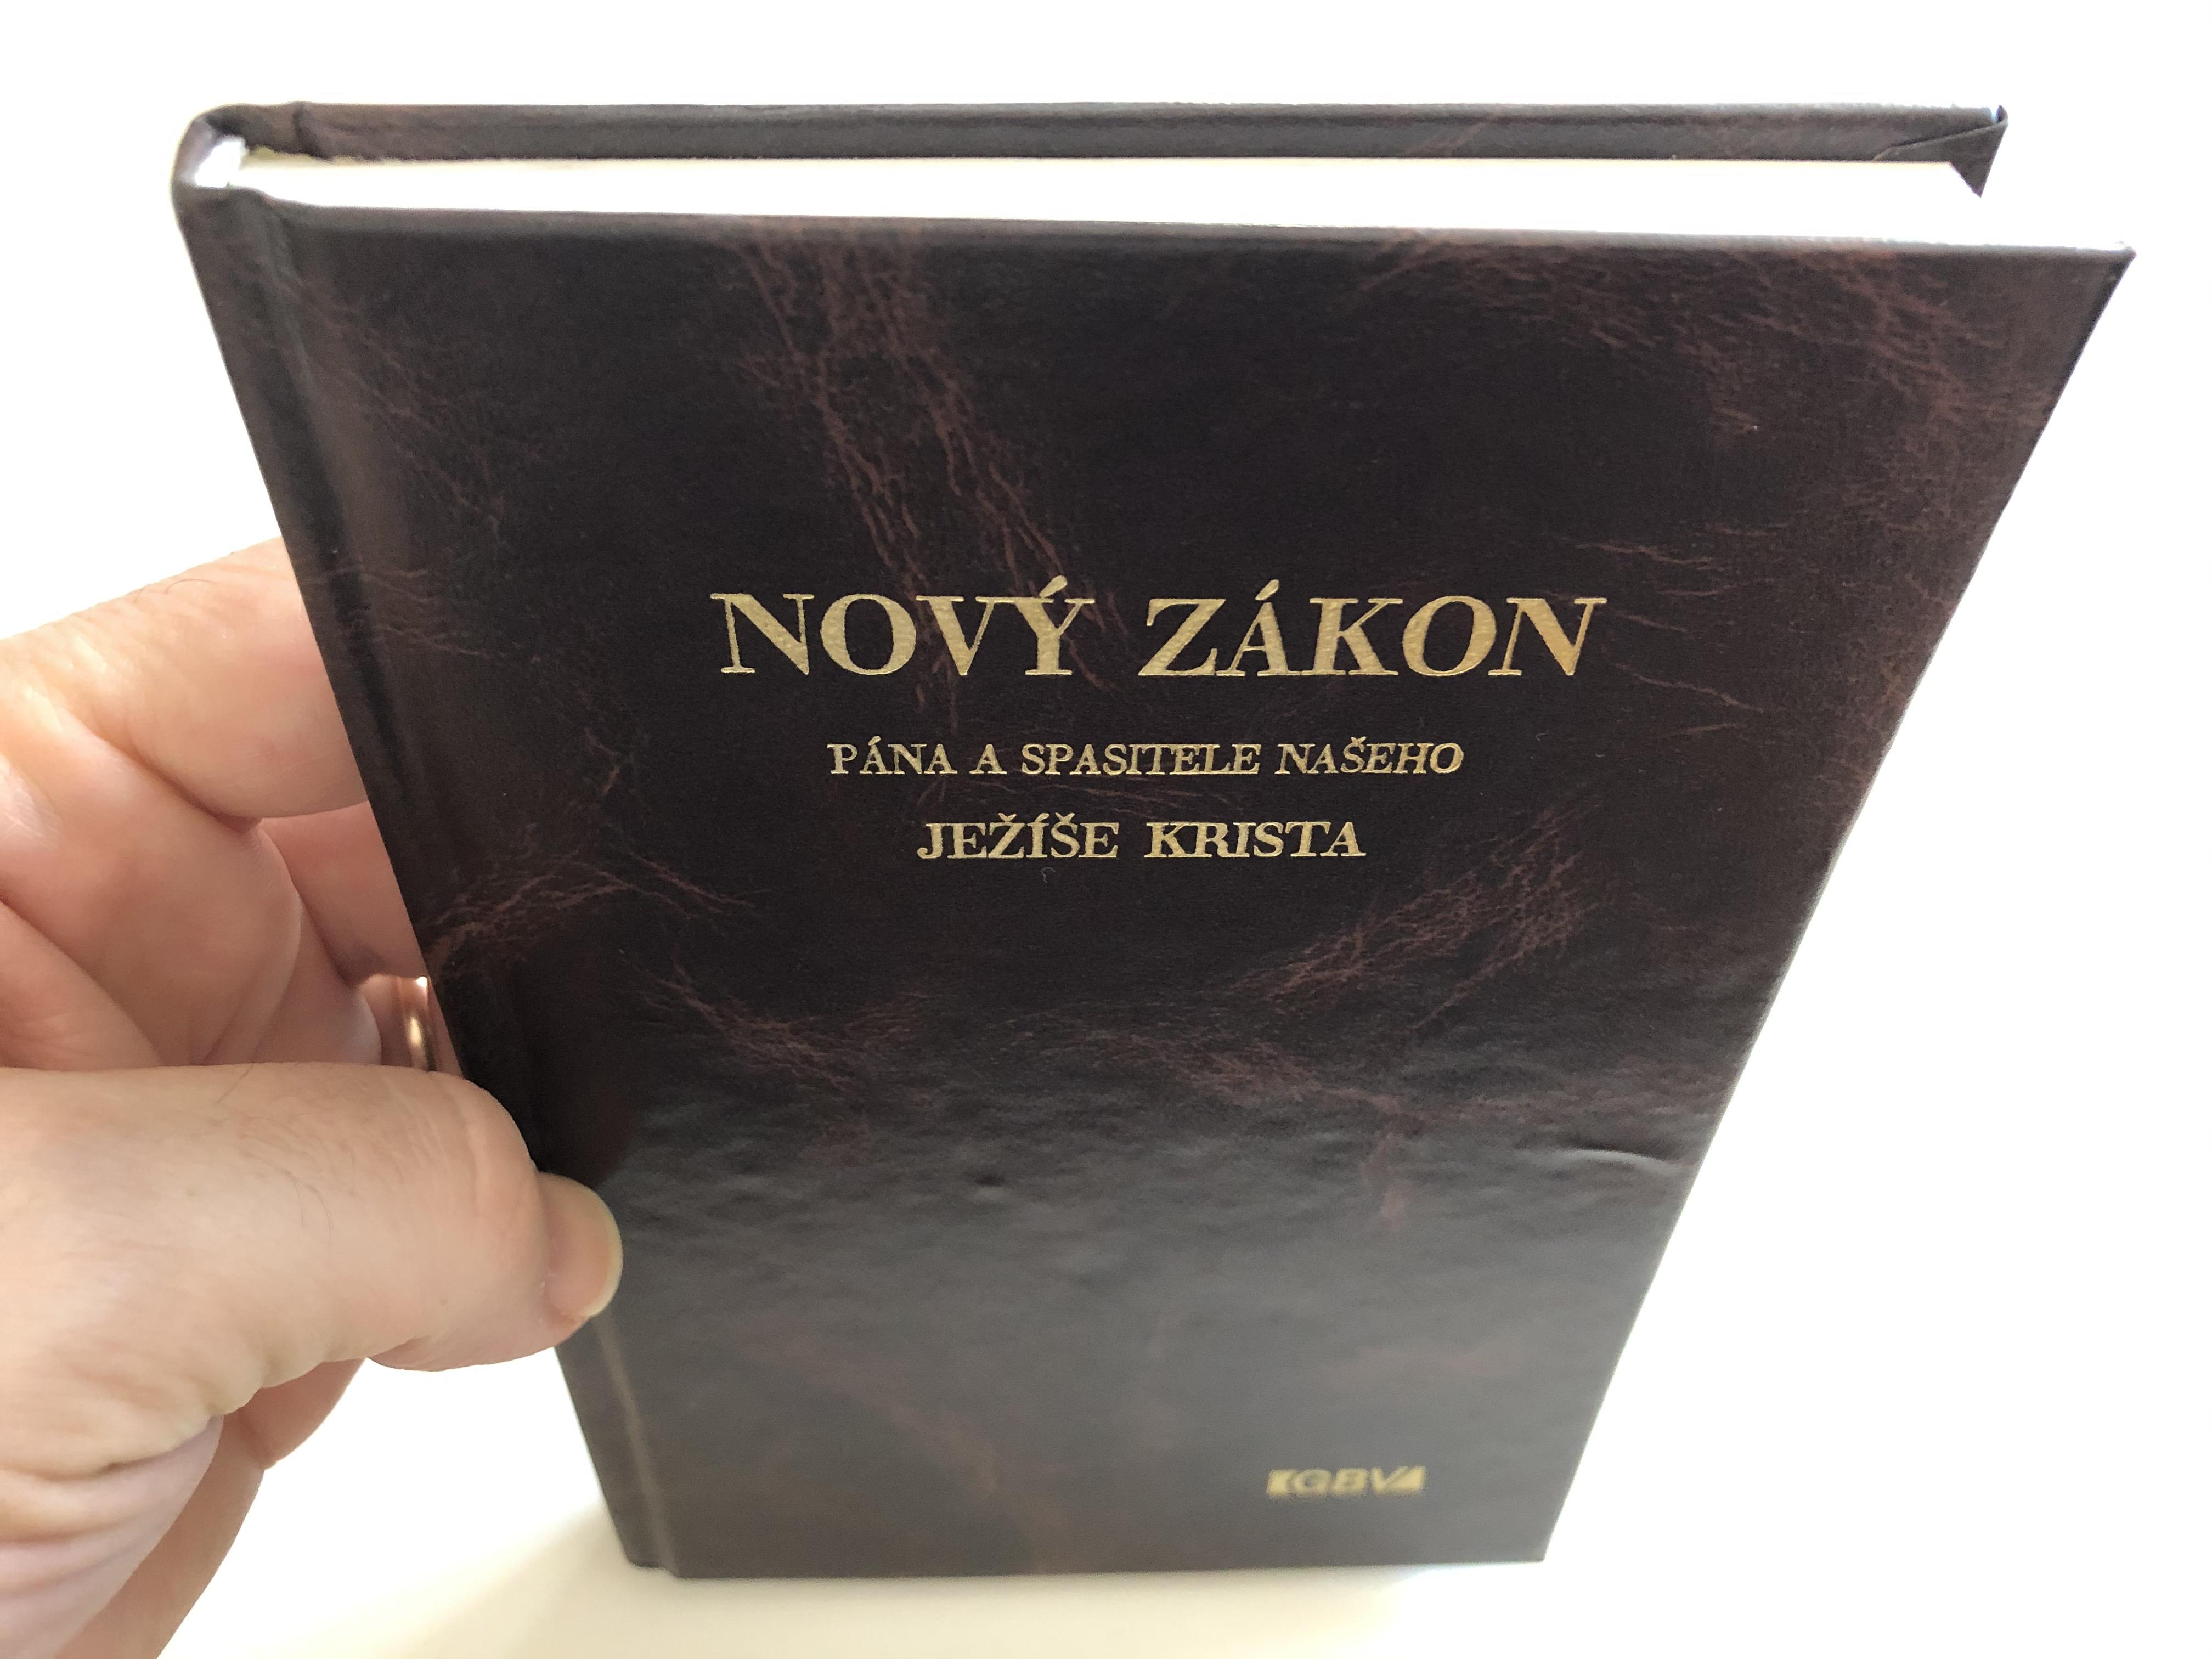 czech-new-testament-nov-z-kon-p-na-a-spasitele-na-eho-je-i-e-krista-9.jpg